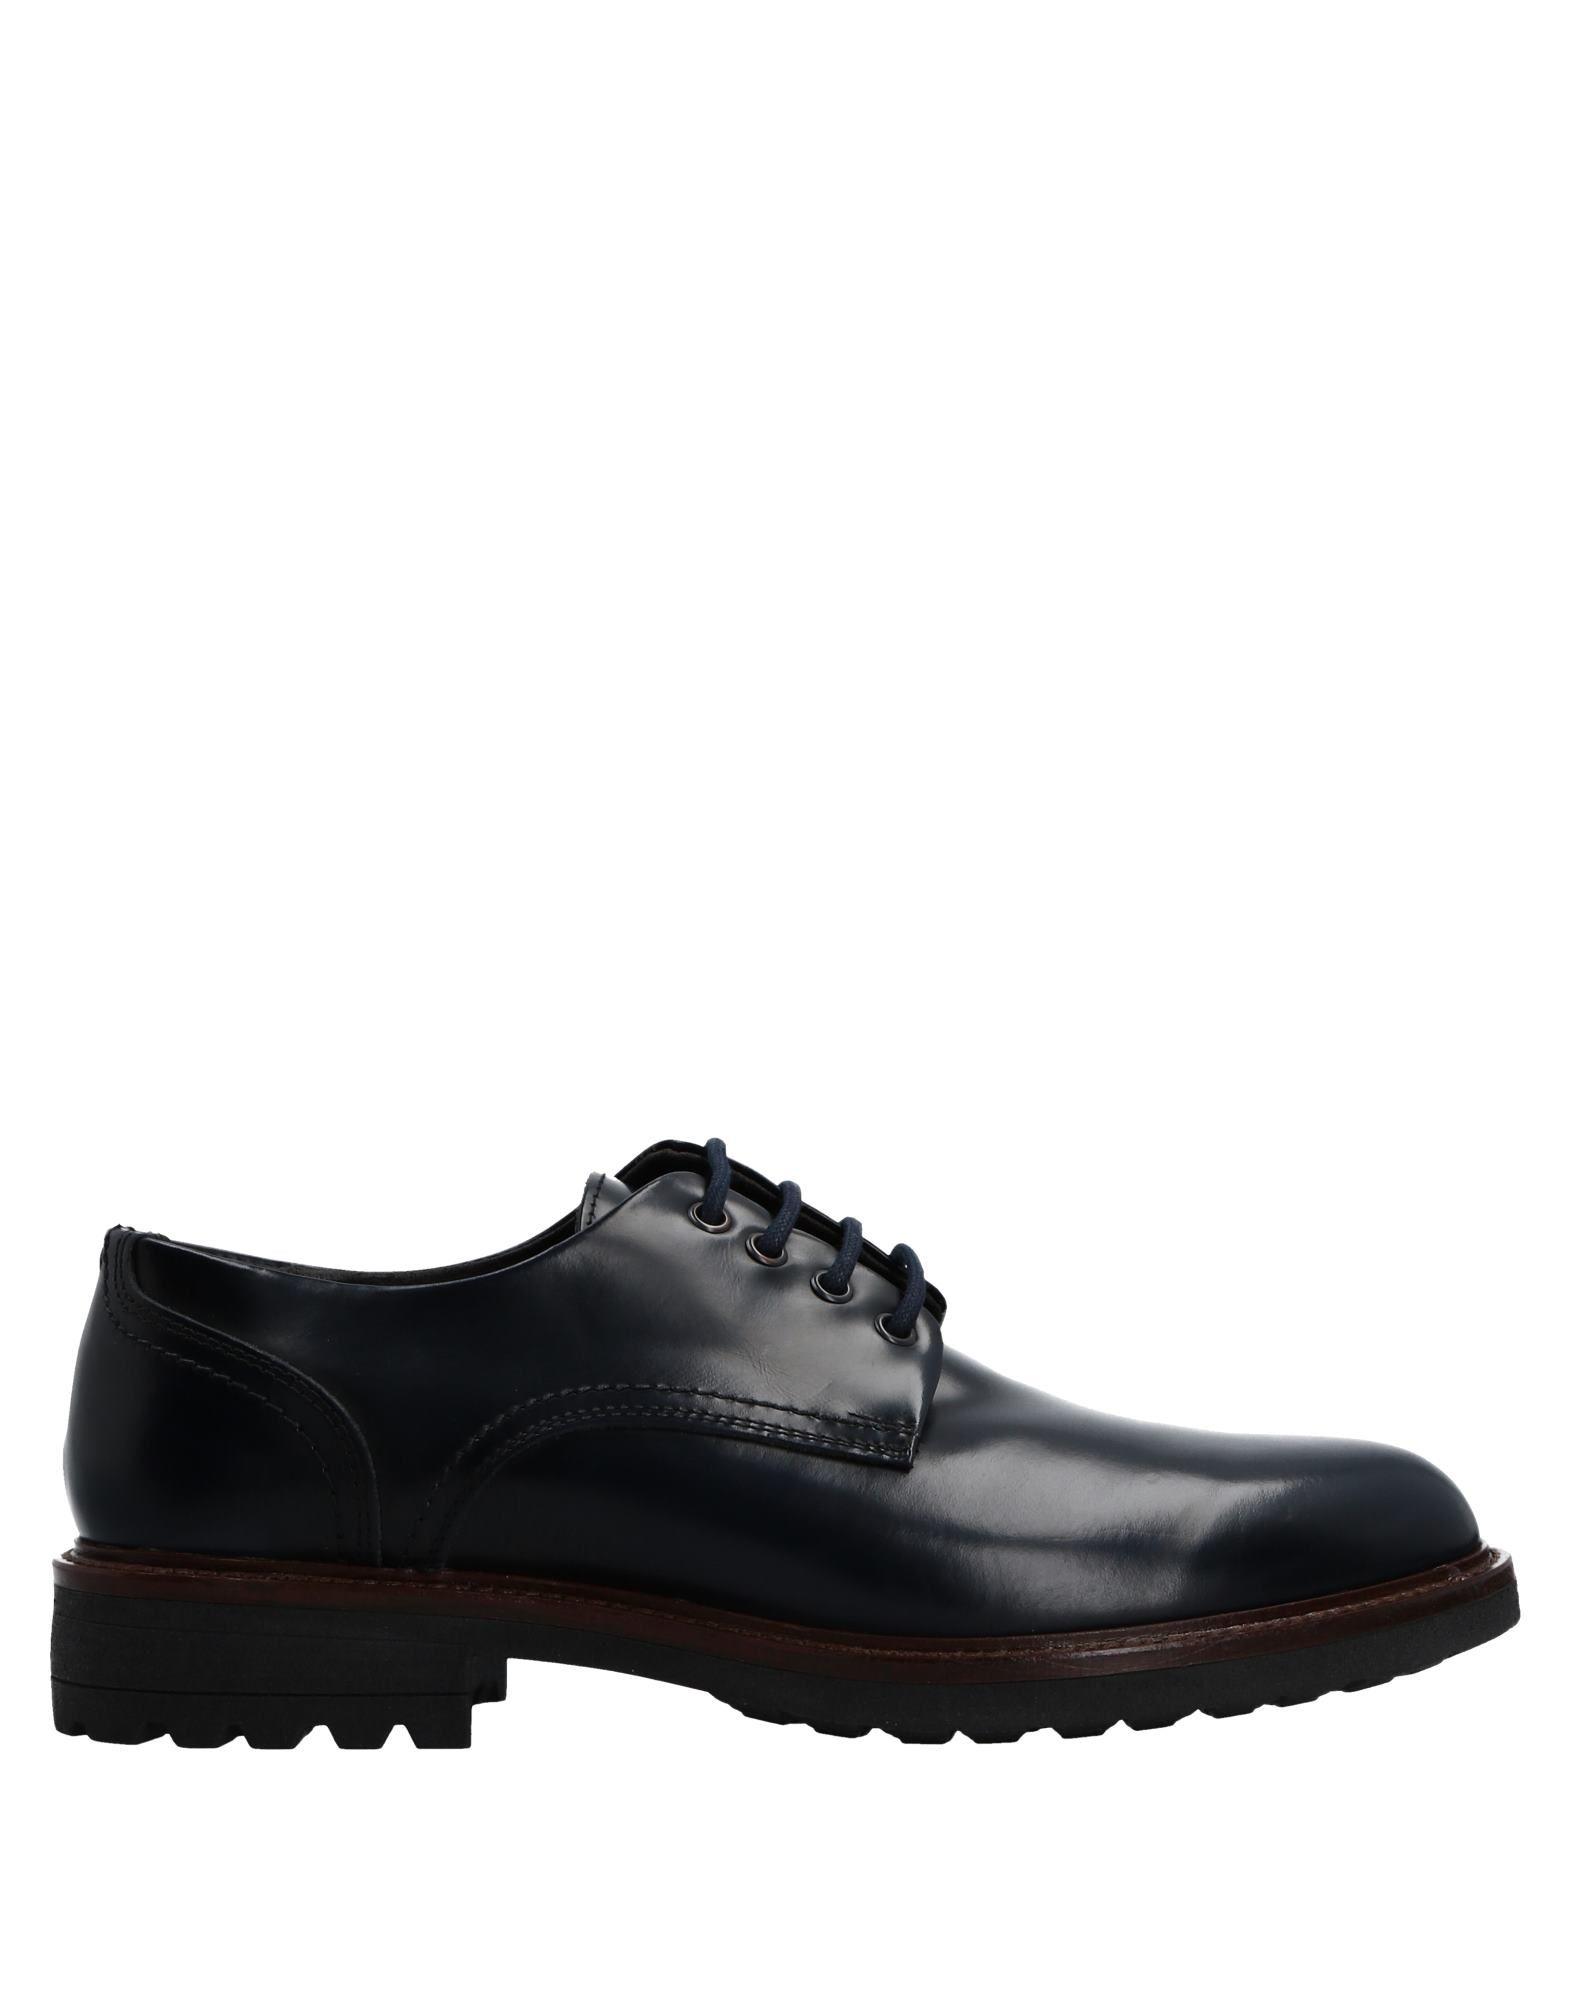 Rabatt echte Schuhe Brawn's Schnürschuhe Herren  11529963PV